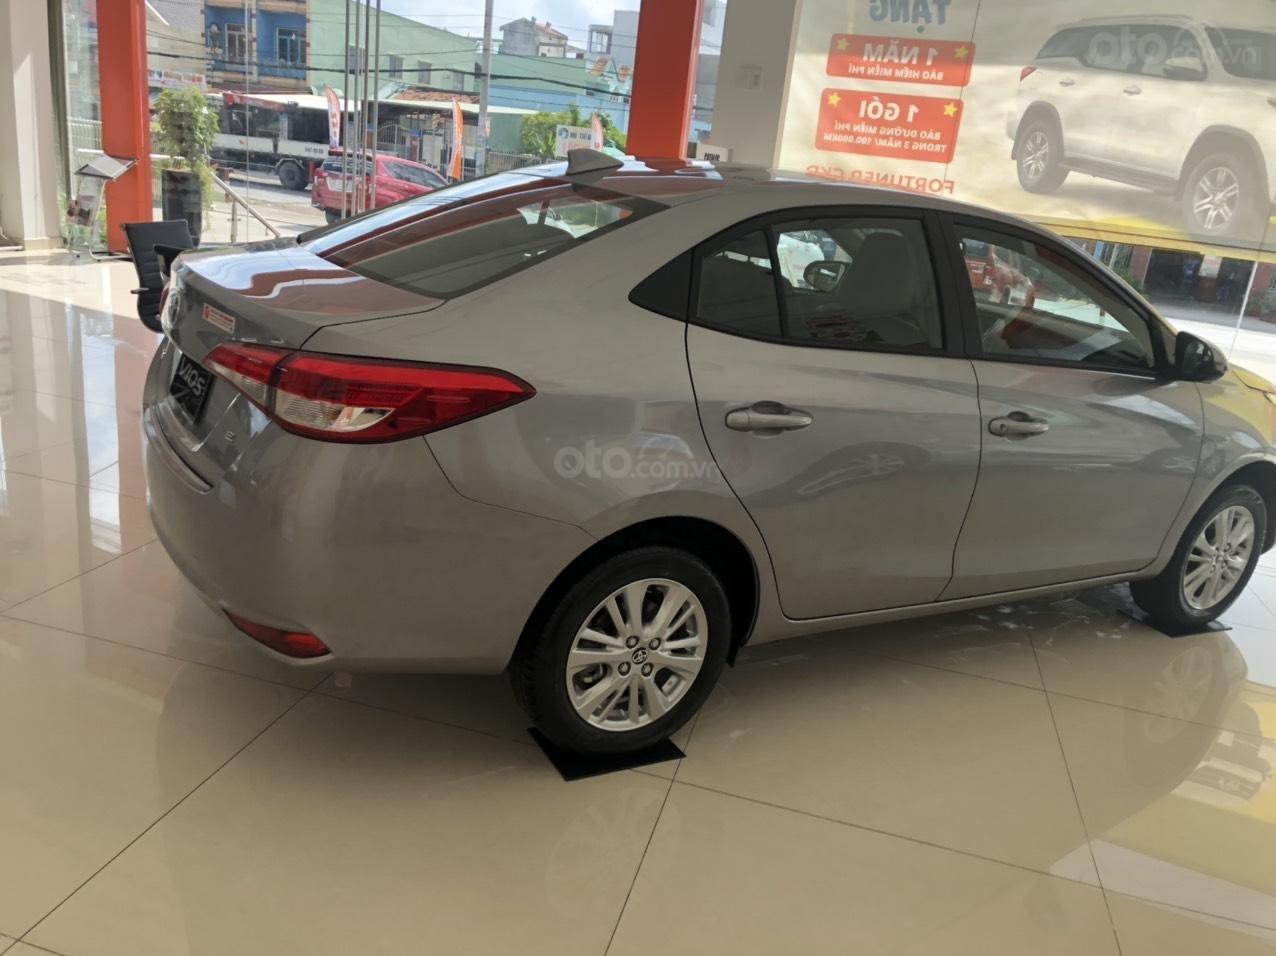 Toyota Vios 1.5 số sàn - mua trả góp với 119 triệu - khuyến mãi ngay tiền mặt, hỗ trợ trước bạ xe (5)